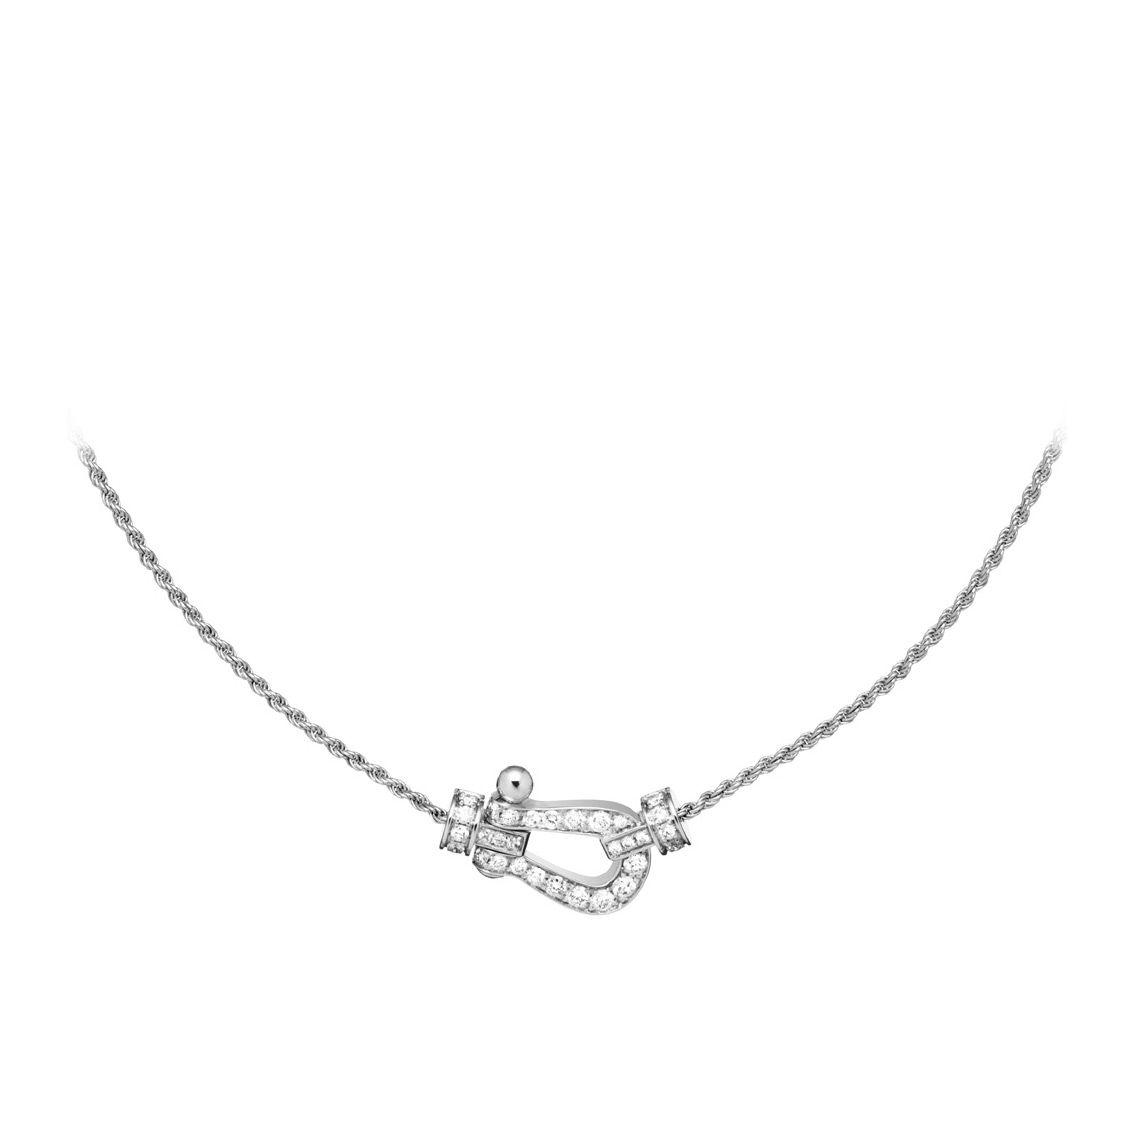 Collier FRED Force 10 moyen modèle en Or blanc et Diamant vue 1